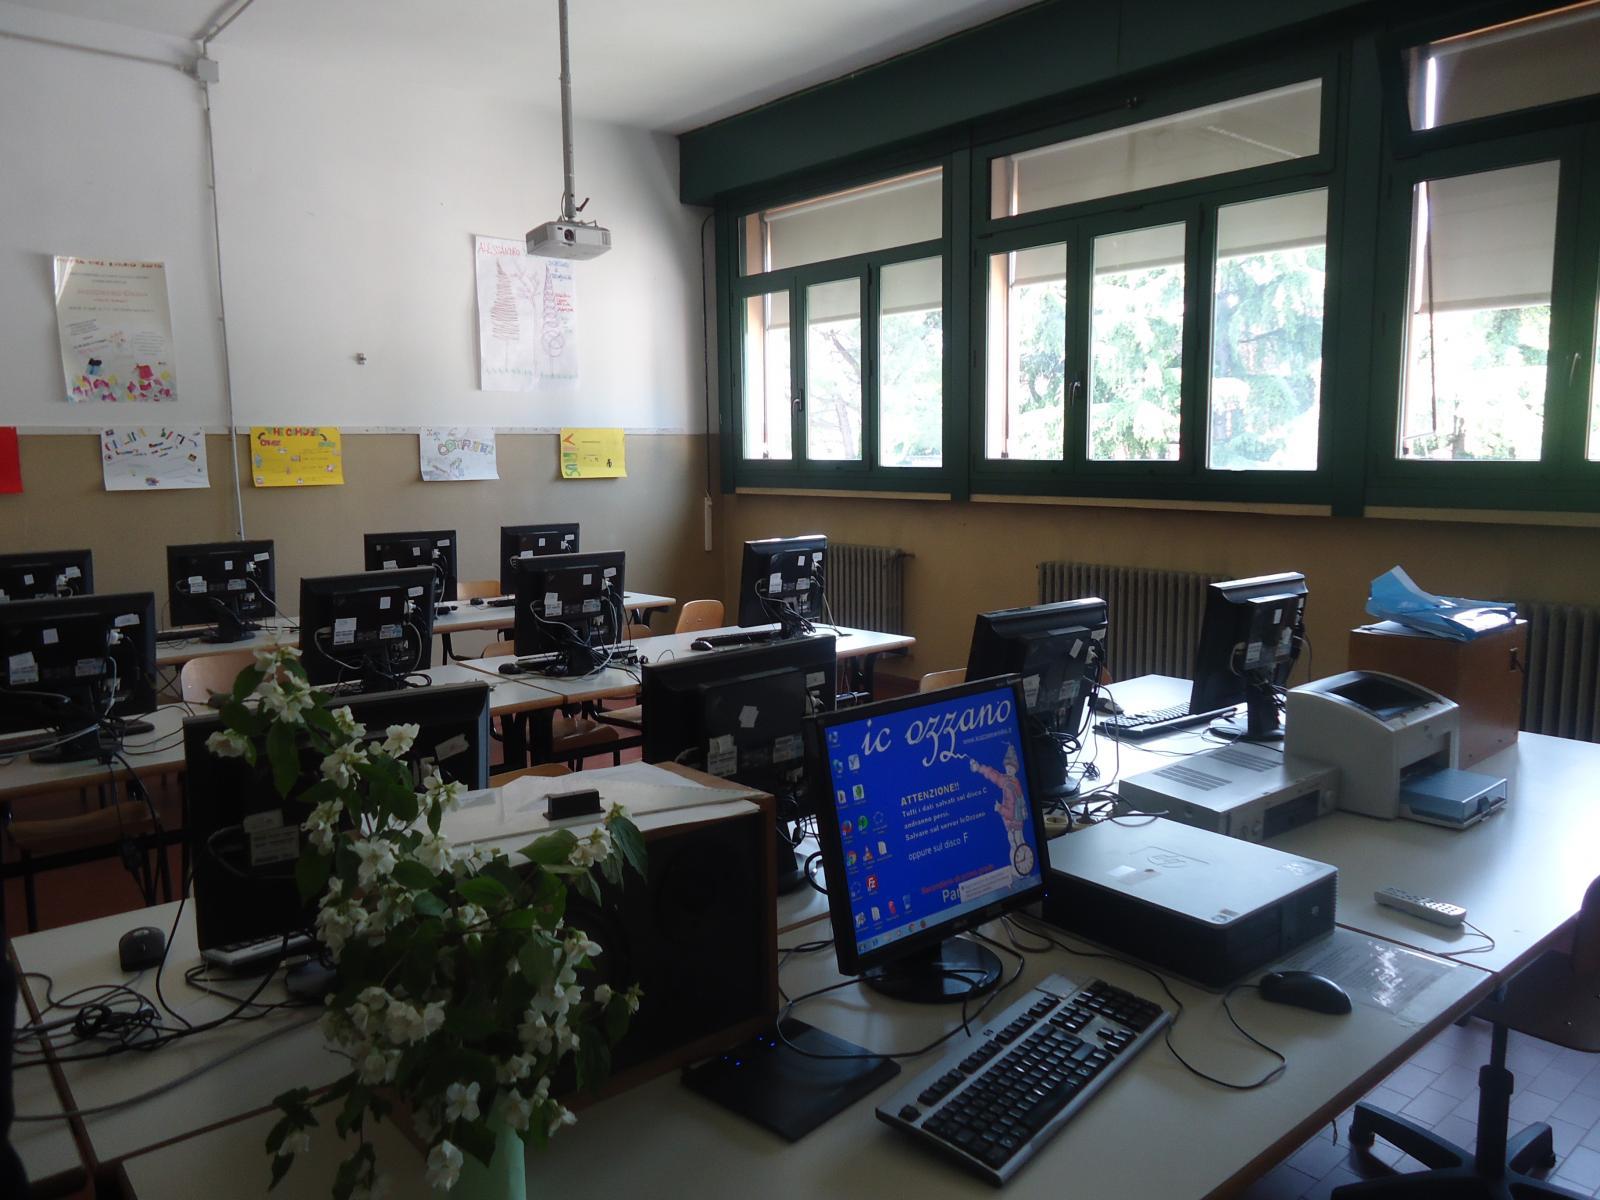 Ufficio Casa Ozzano : Scuola comune di ozzano dell emilia